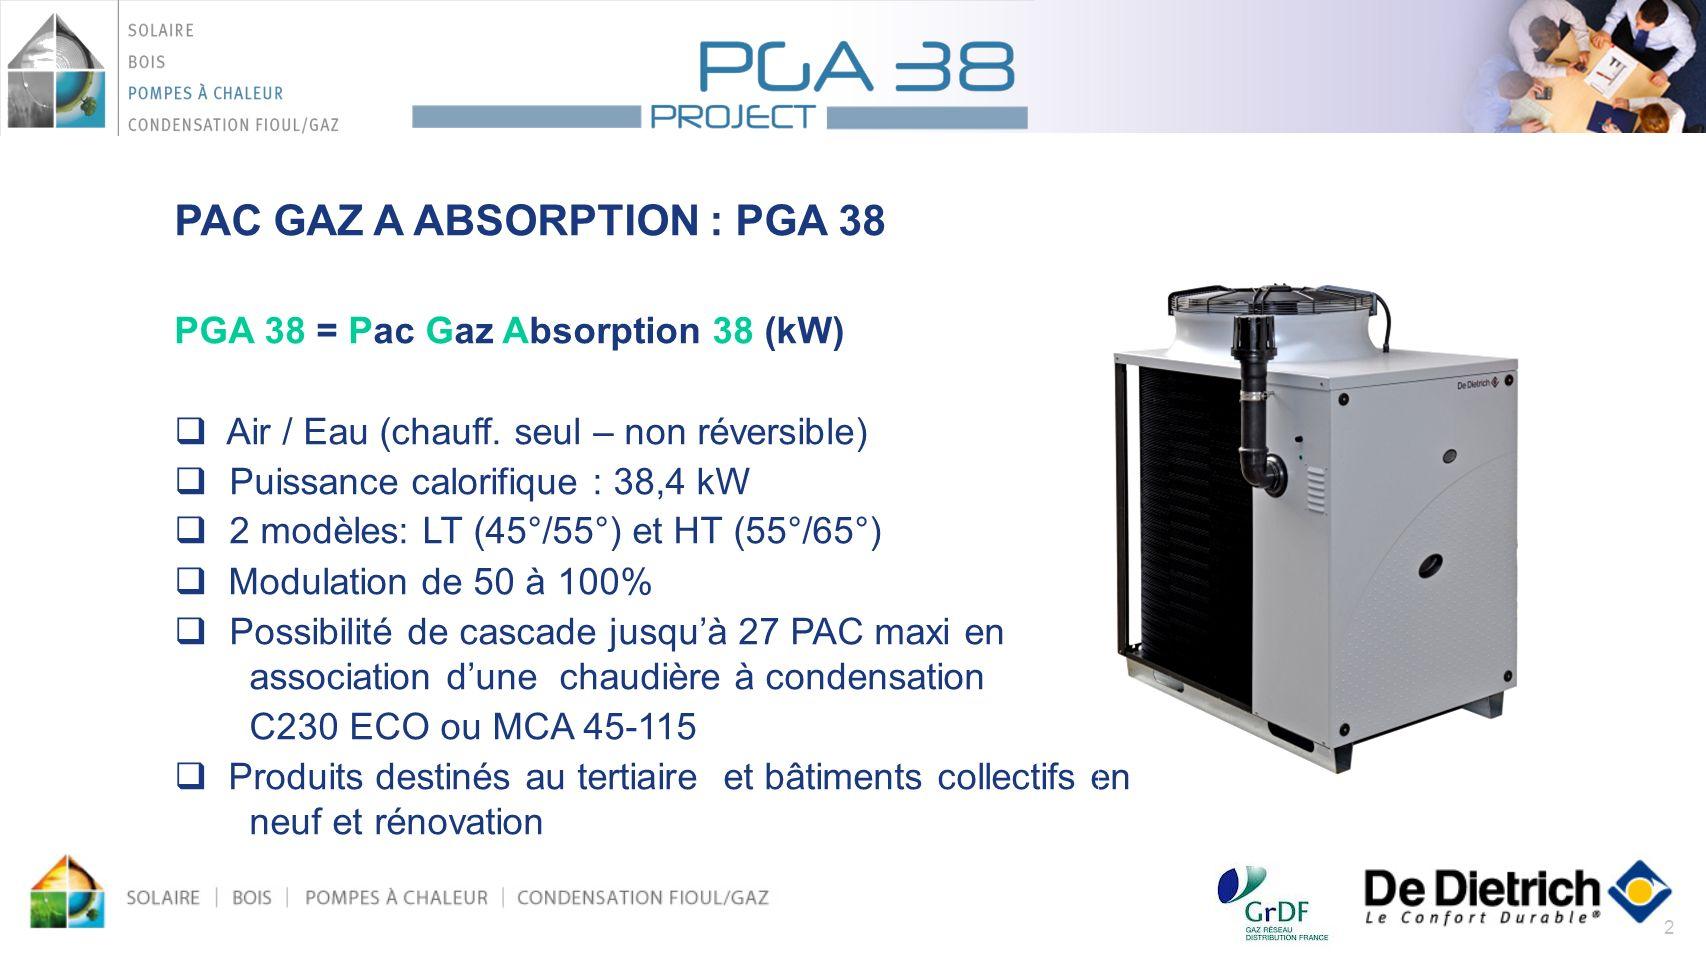 2 PAC GAZ A ABSORPTION : PGA 38 PGA 38 = Pac Gaz Absorption 38 (kW) Air / Eau (chauff. seul – non réversible) Puissance calorifique : 38,4 kW 2 modèle